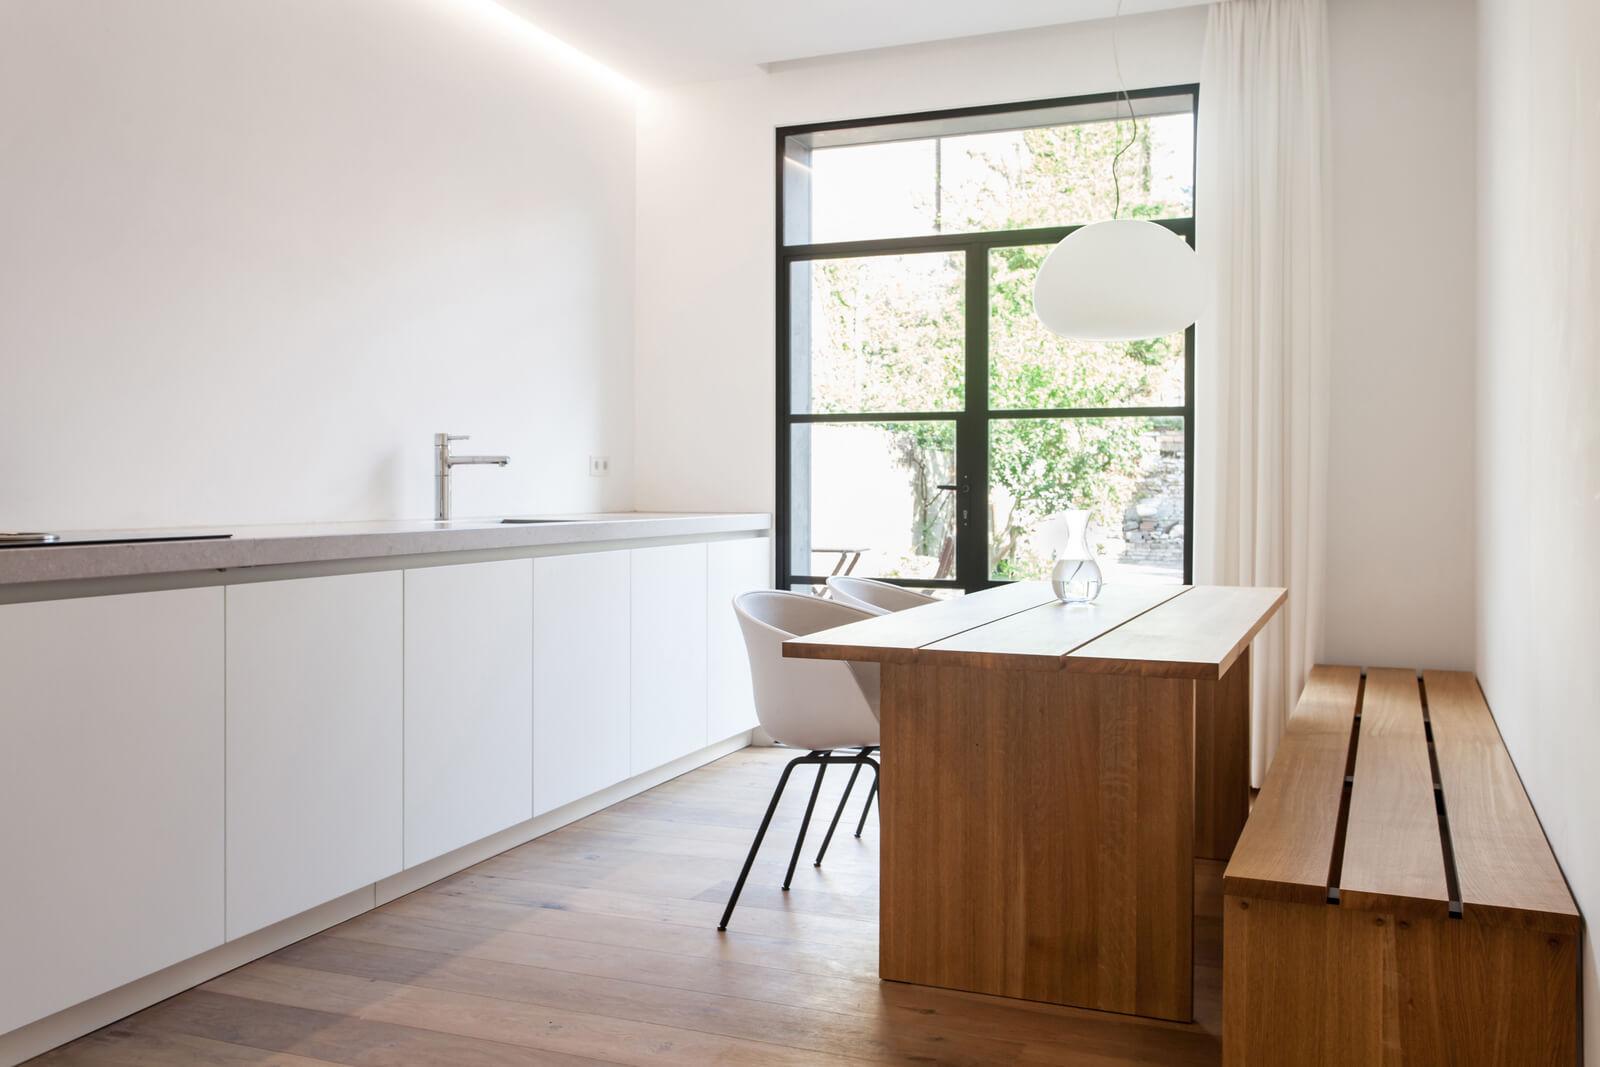 Daglicht Je Keuken : Lichtstraat brengt daglicht in lang en smal pand: daylight award